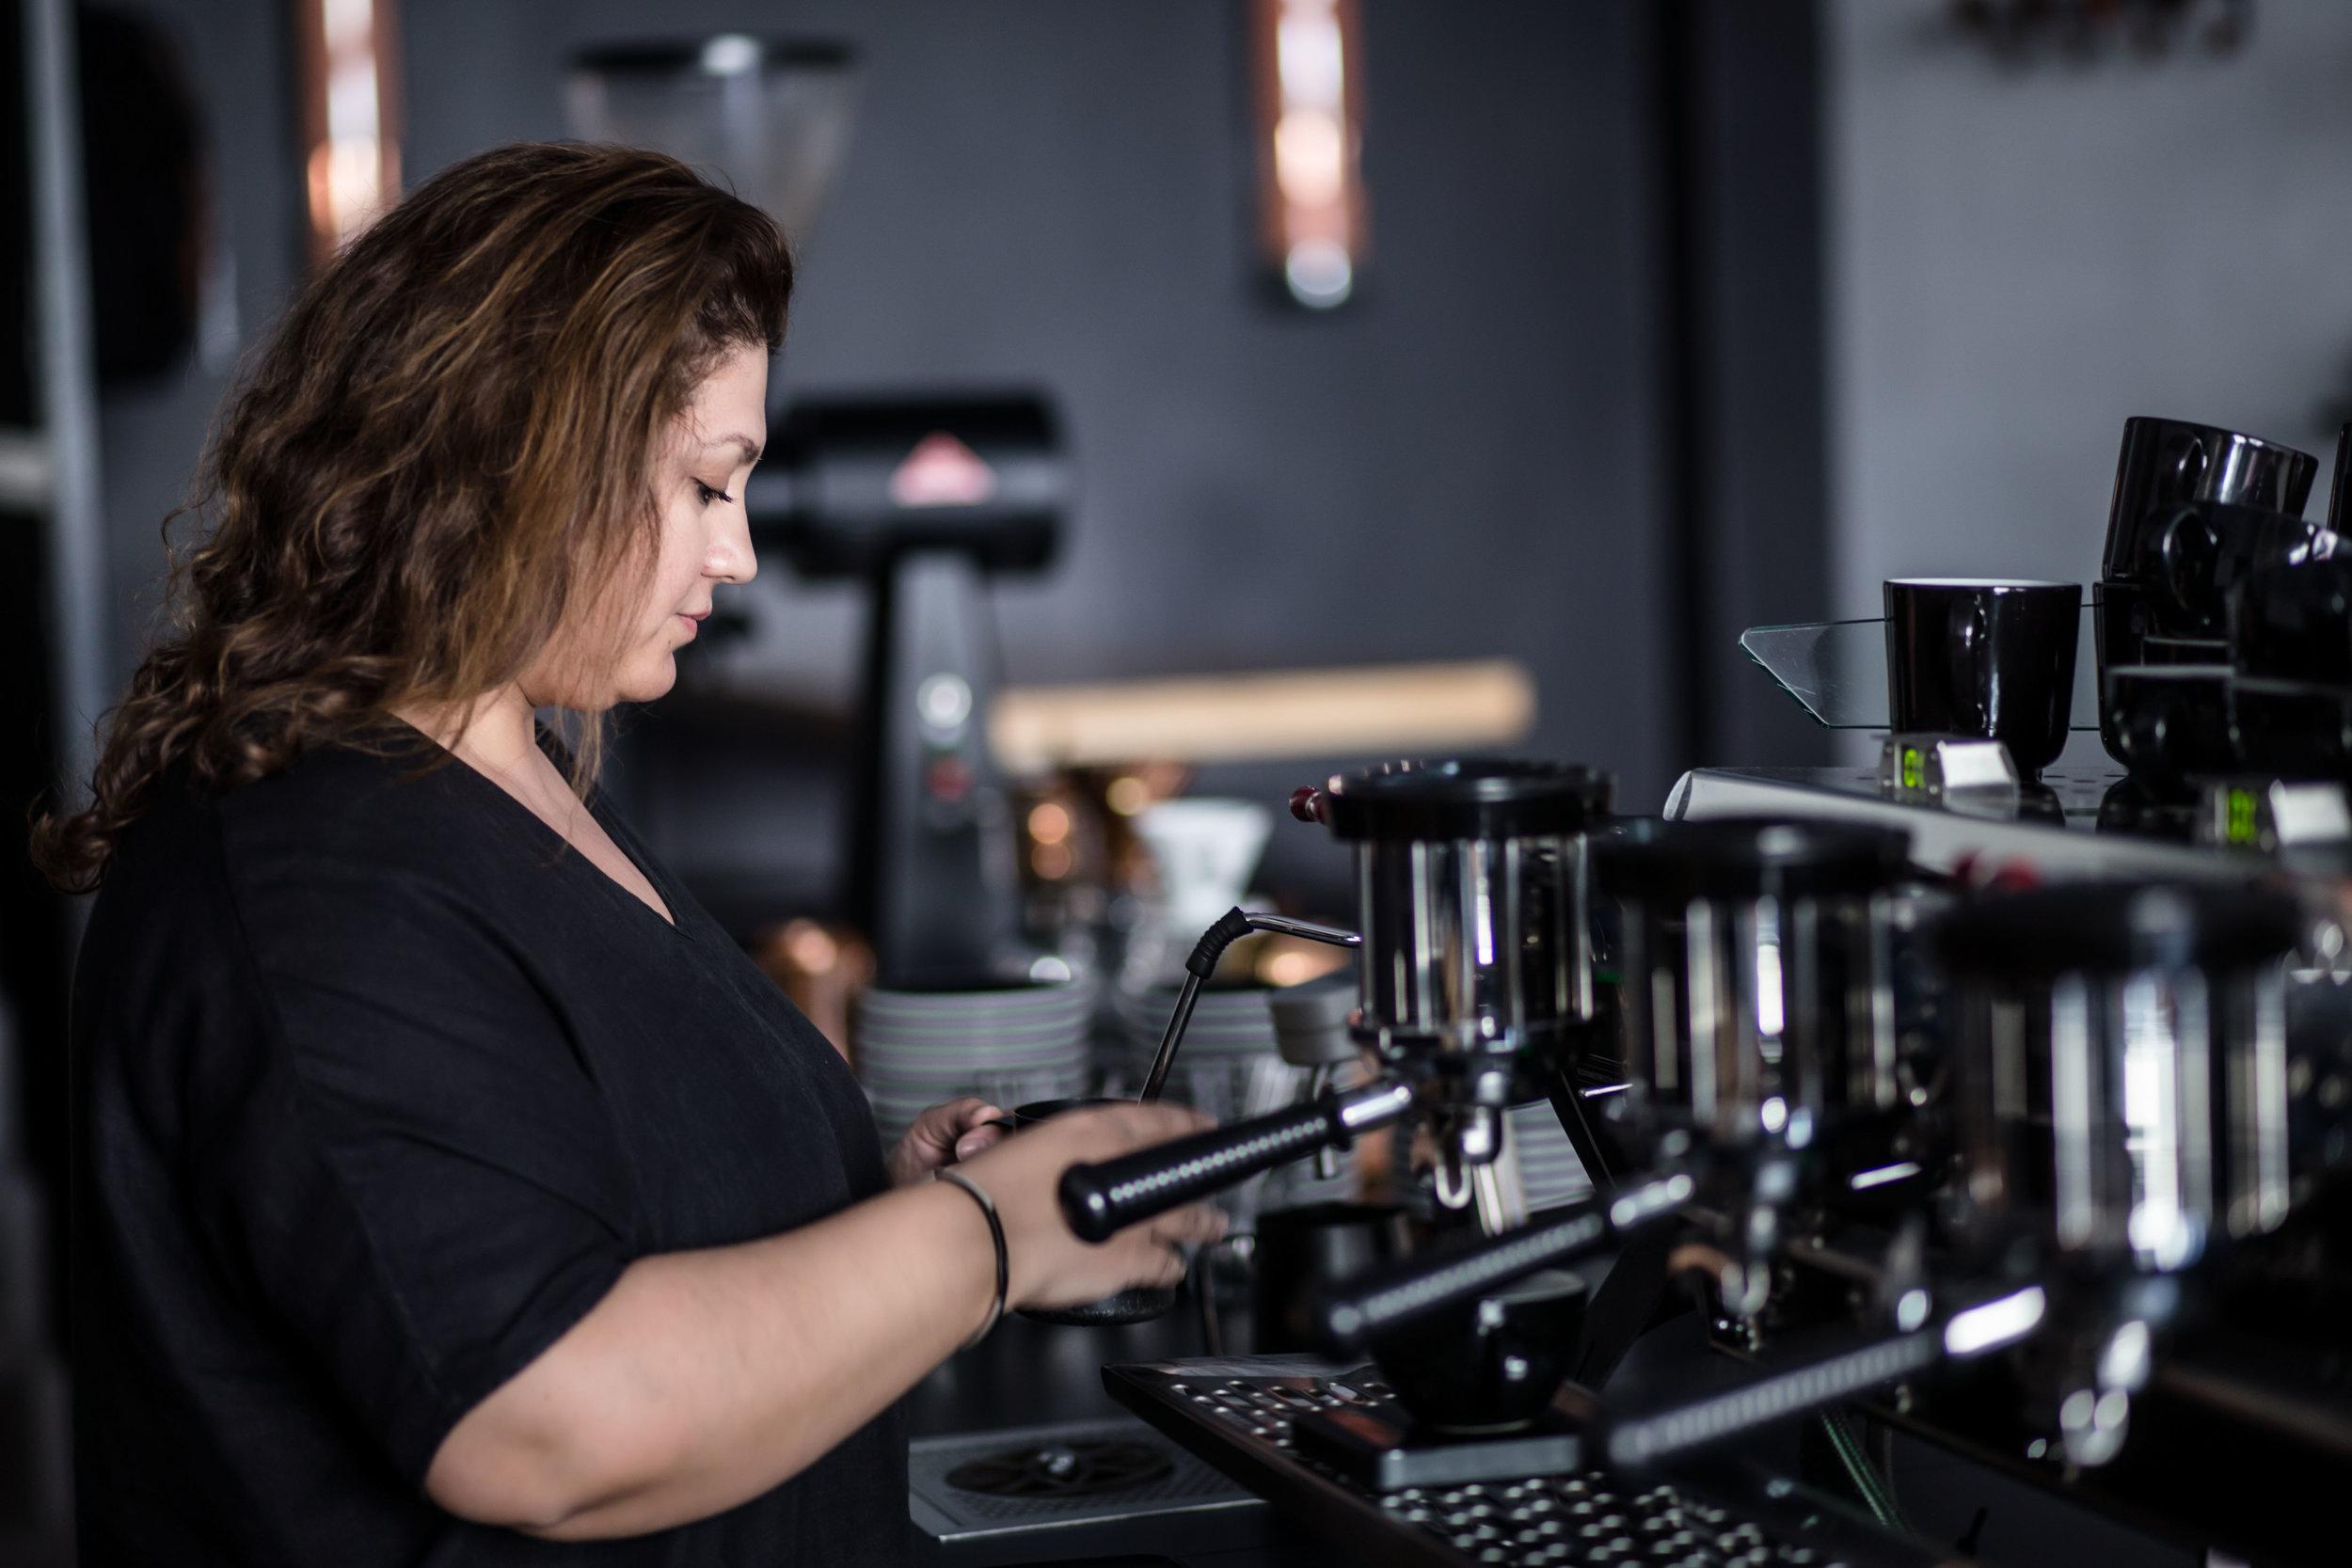 Tansel Özbek Refinery Coffee Berlin